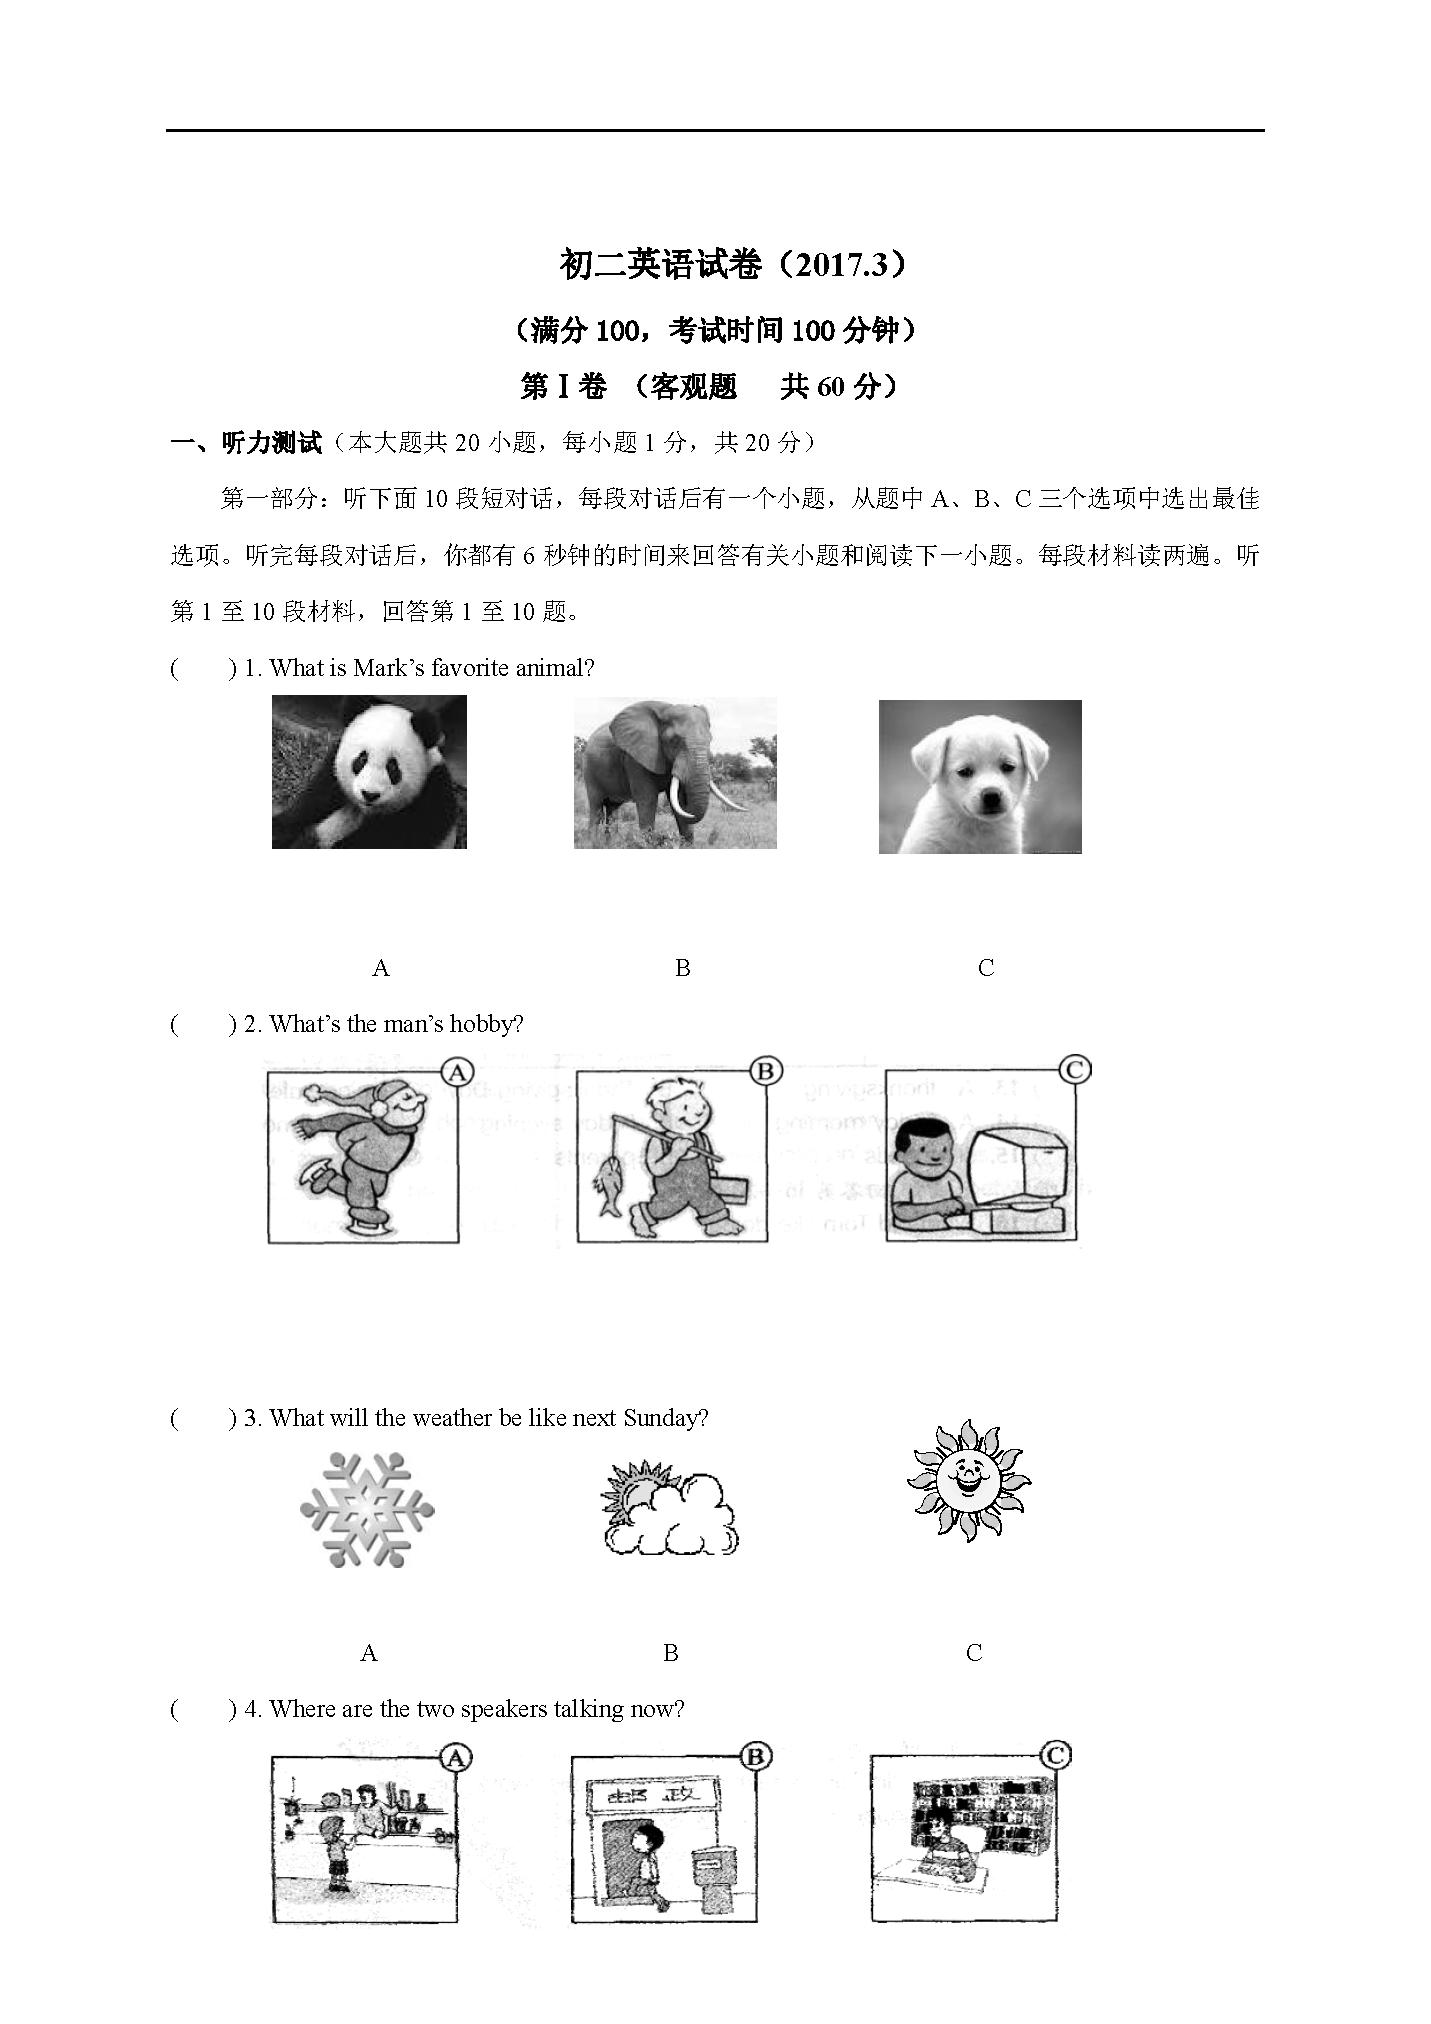 江苏江阴暨阳中学2016-2017八年级3月月考英语试题(图片版)